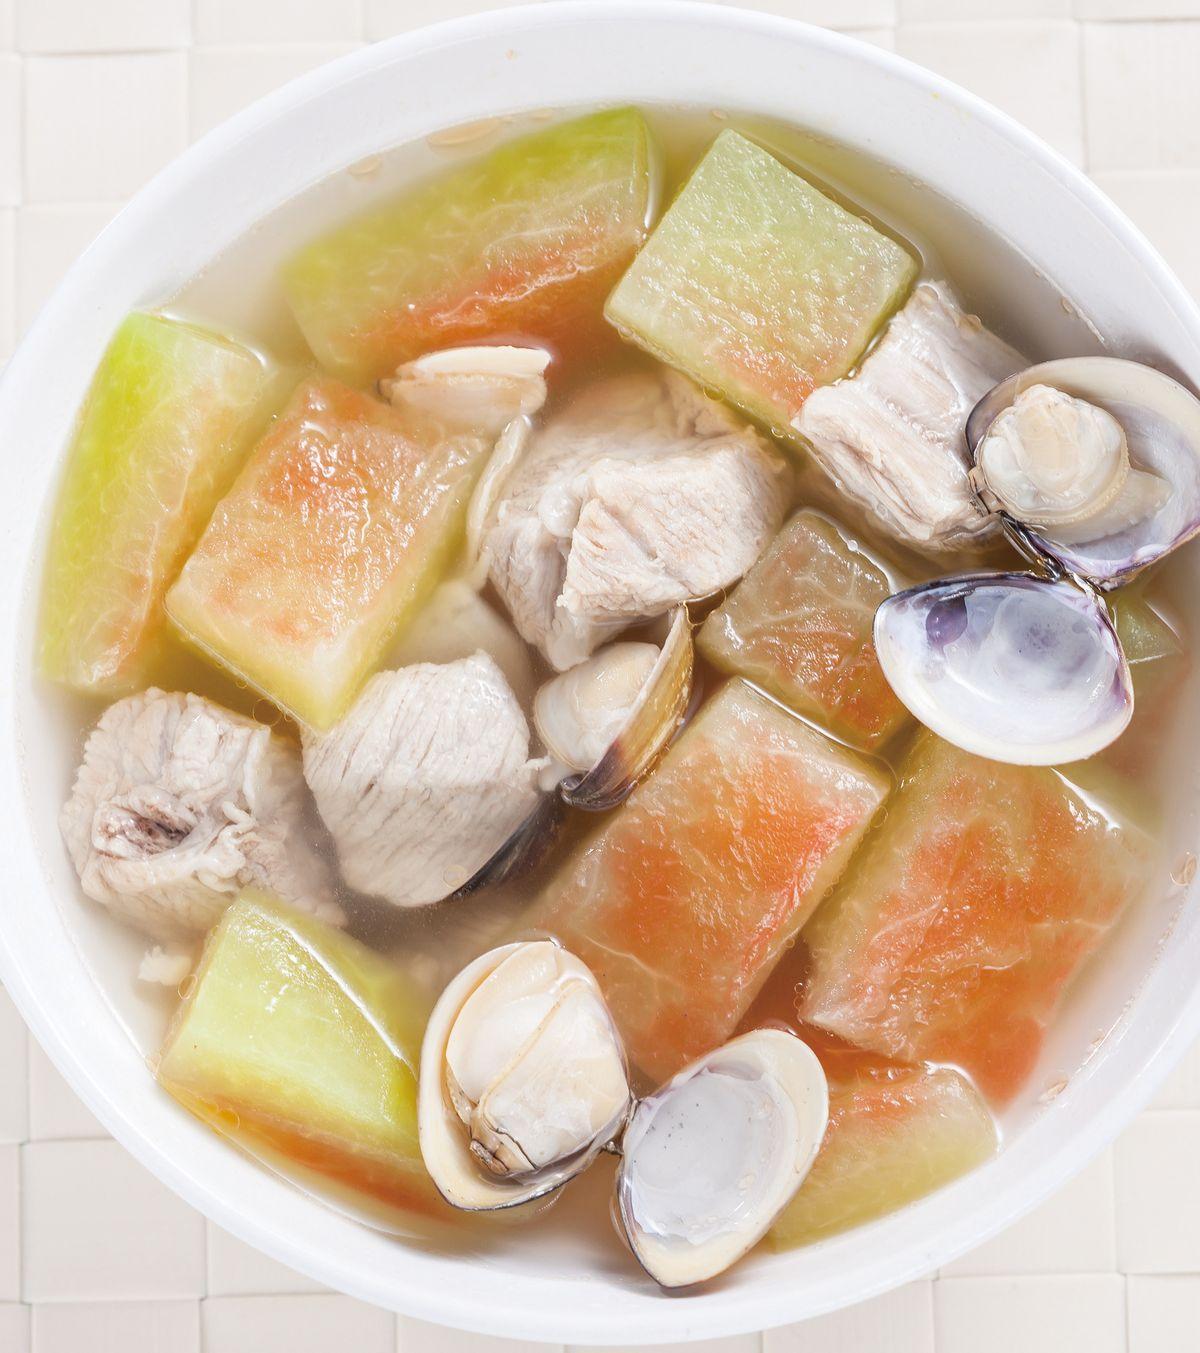 食譜:西瓜皮排骨湯